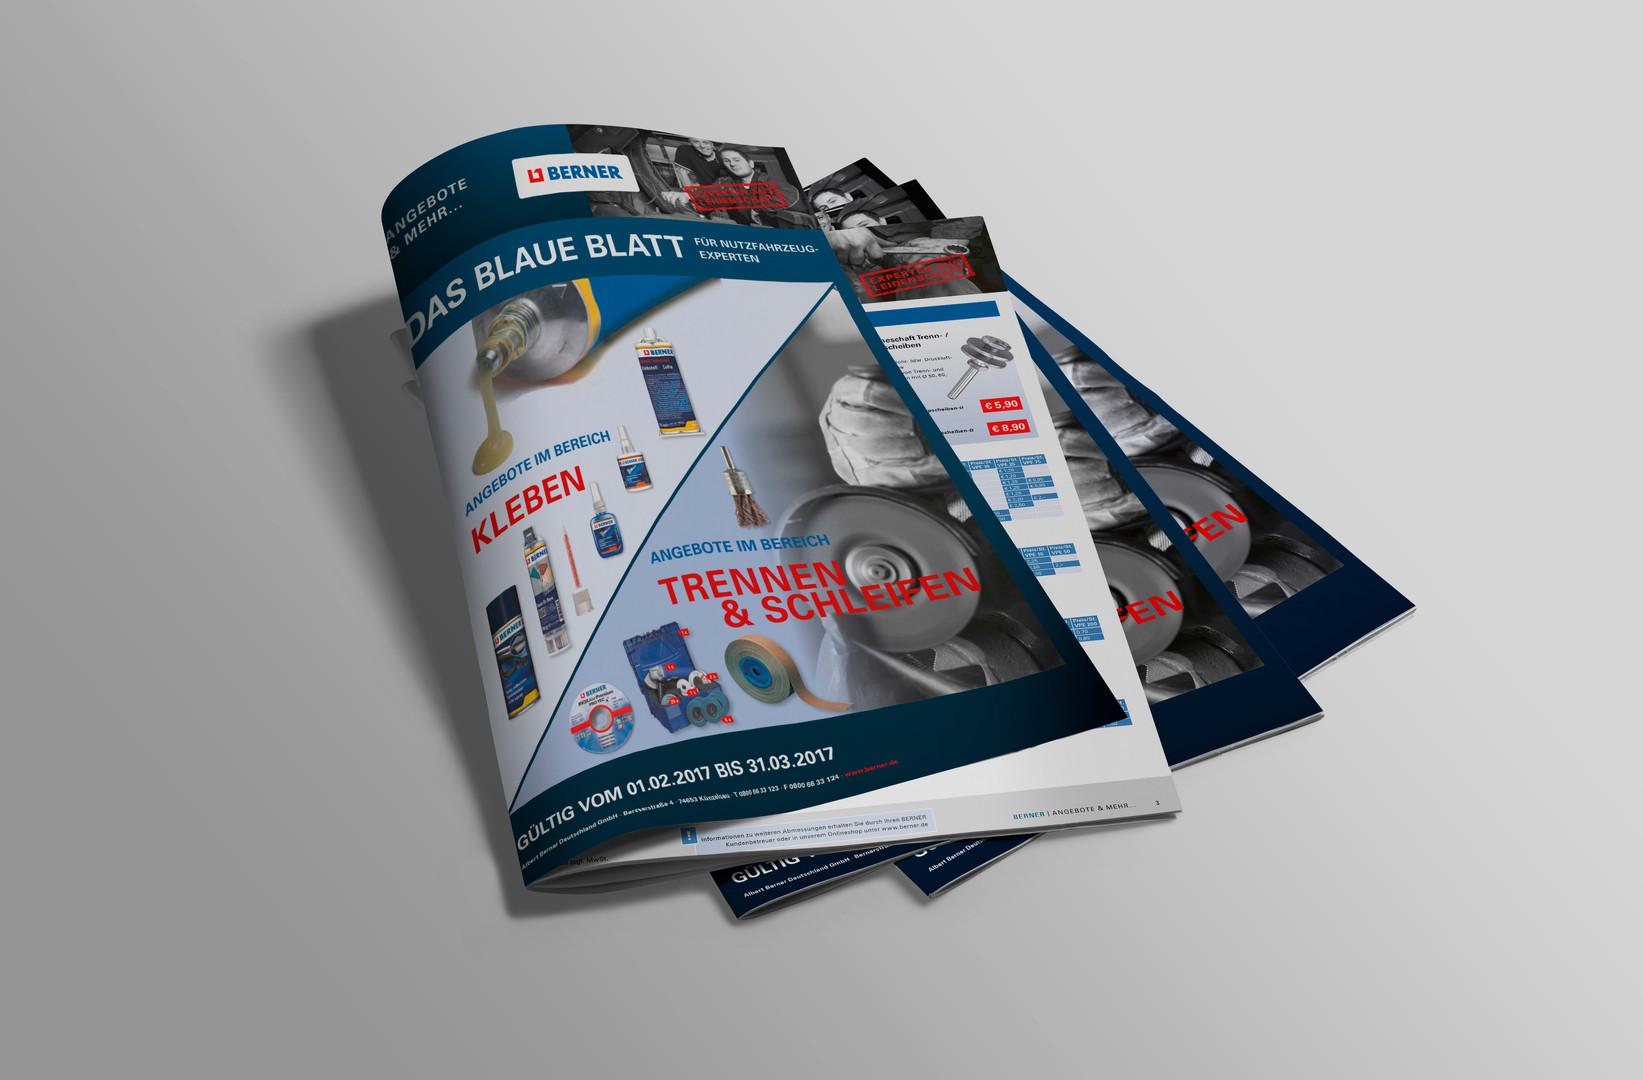 Monatliches Angebotsblatt der Albert Berner Deutschland GmbH